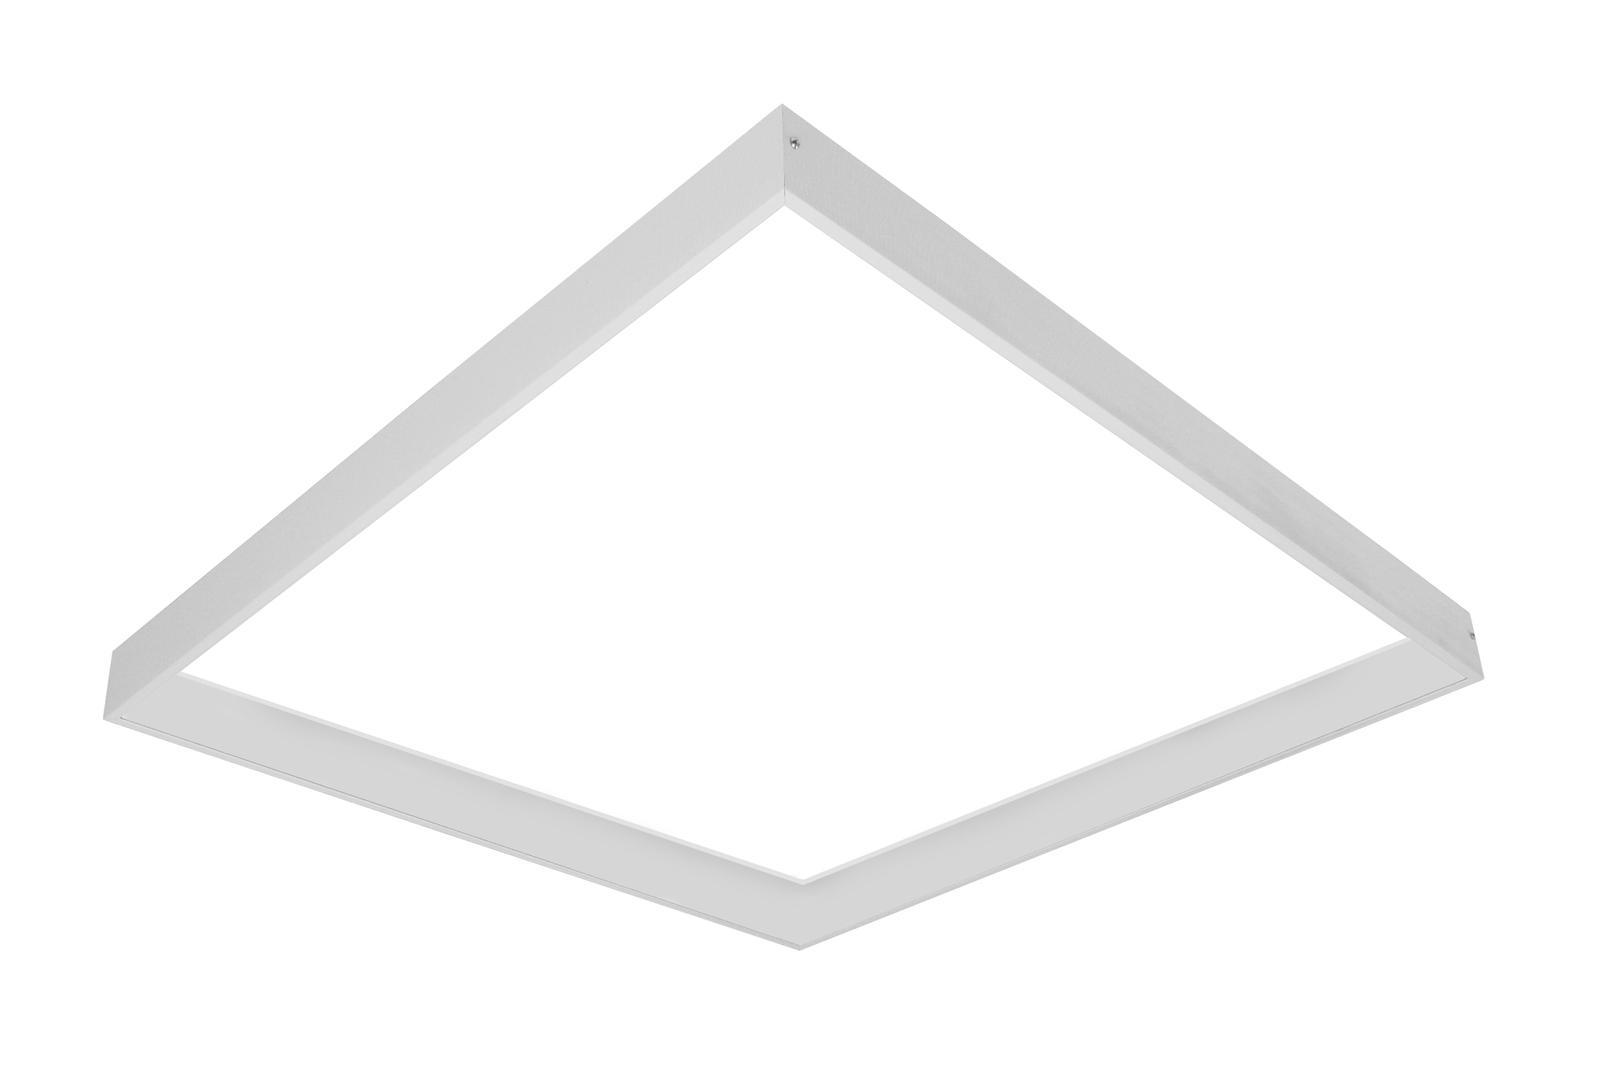 Suprafața cadrului de montare pentru panouri LED 60/60